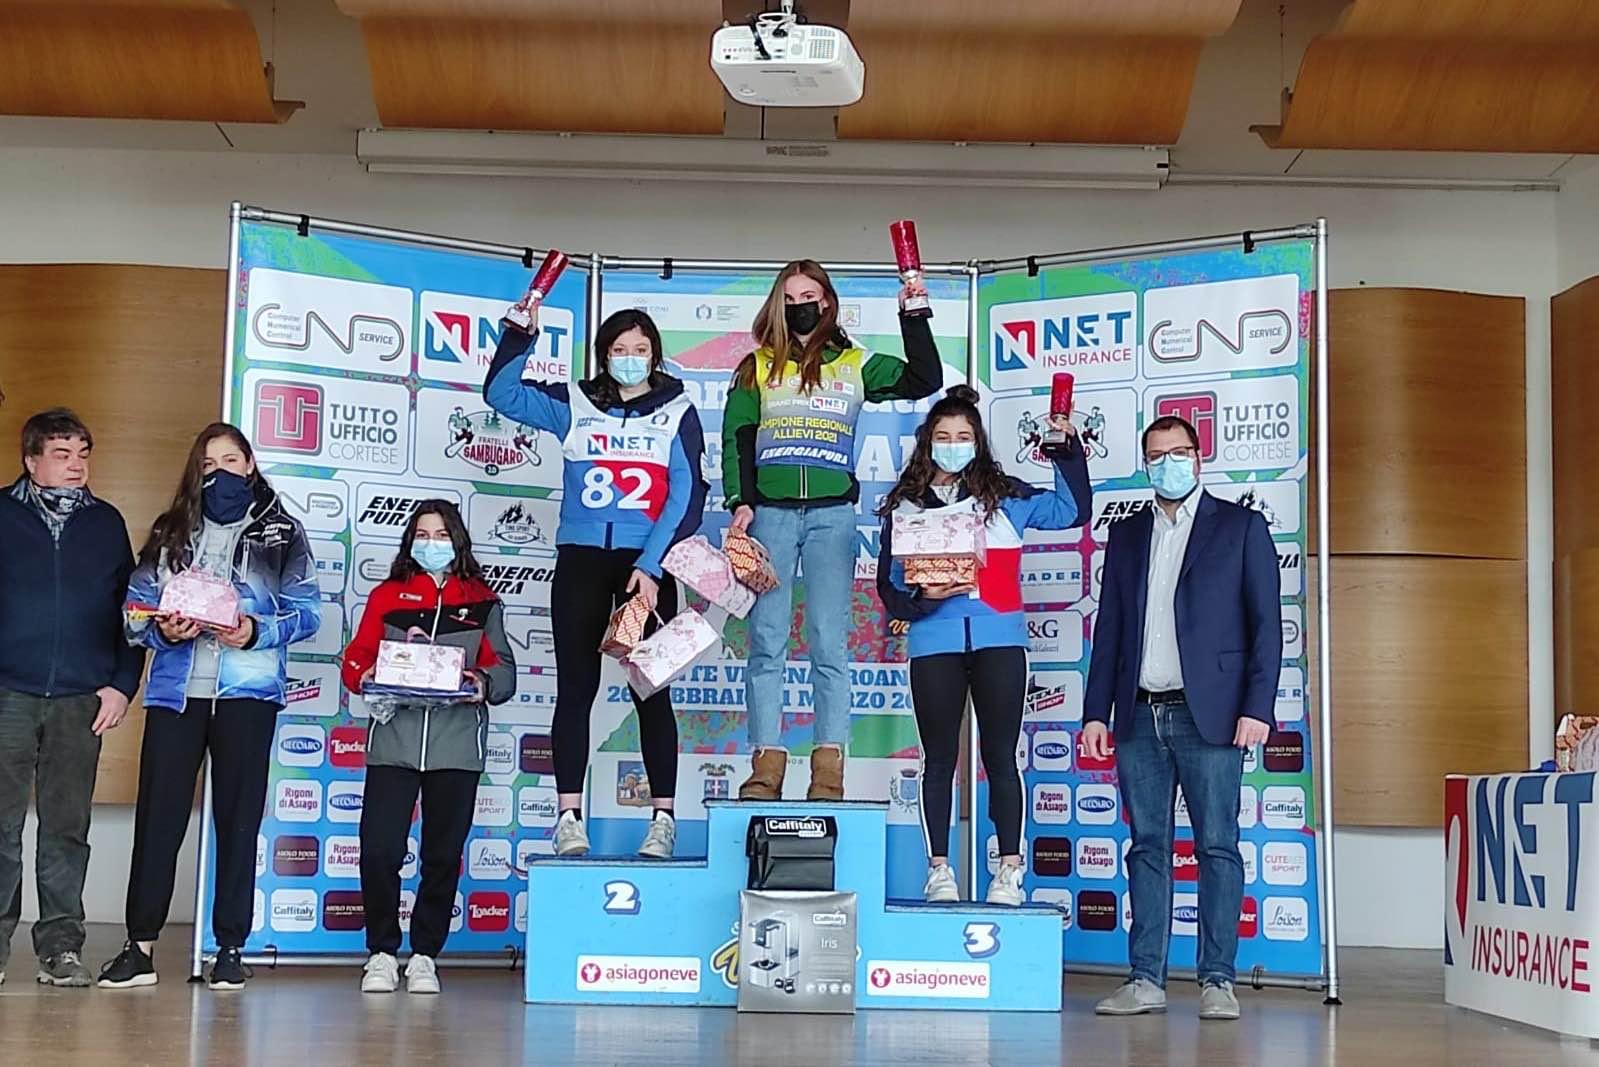 Il podio delle Allieve al Grand Prix Net Insurance (campionato regionale di sci Alpino) prova superG